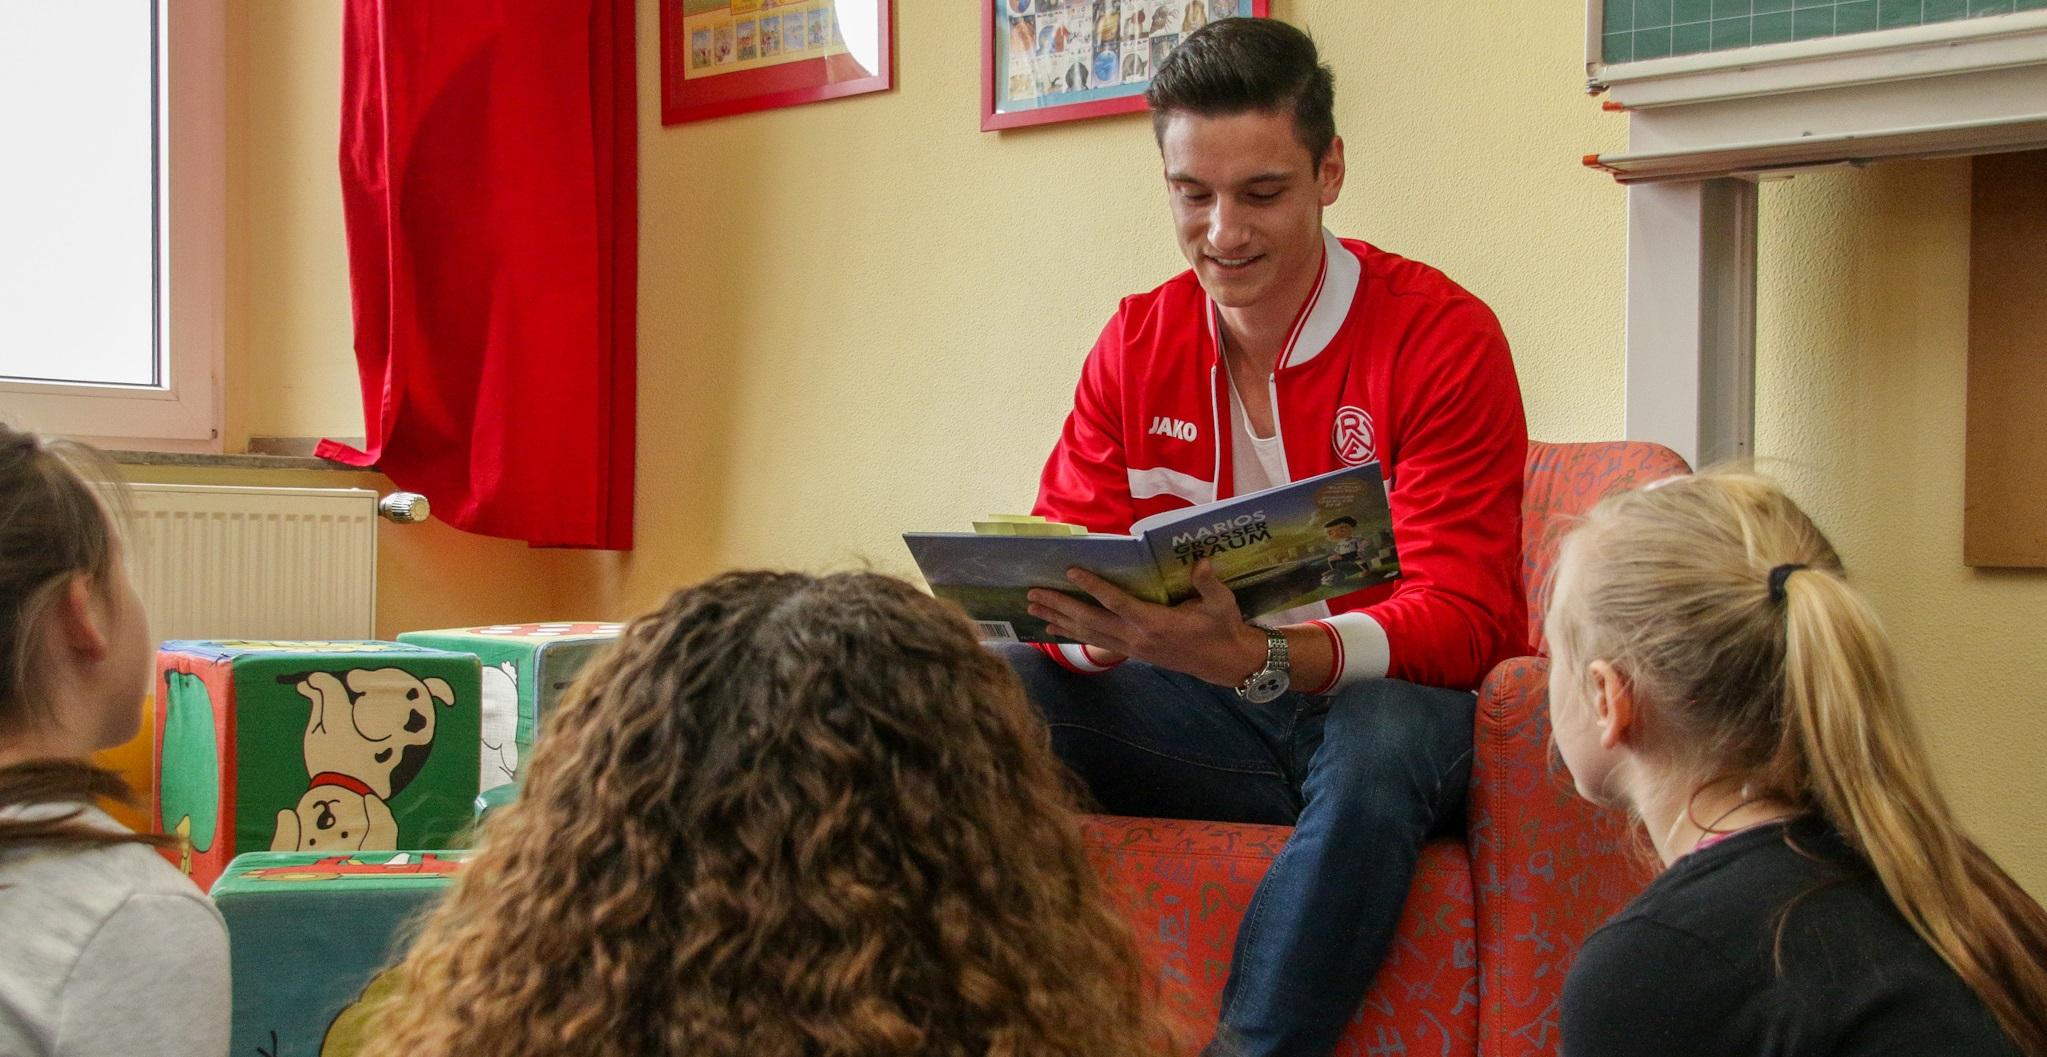 """Spannende Lesung für die Bergmühlenschüler: RWE-Spieler Noah Korczowski brachte das mehrfach ausgezeichnete Kinderbuch """"Marios großer Traum"""" zu Gehör. (Foto: Müller/EC)"""